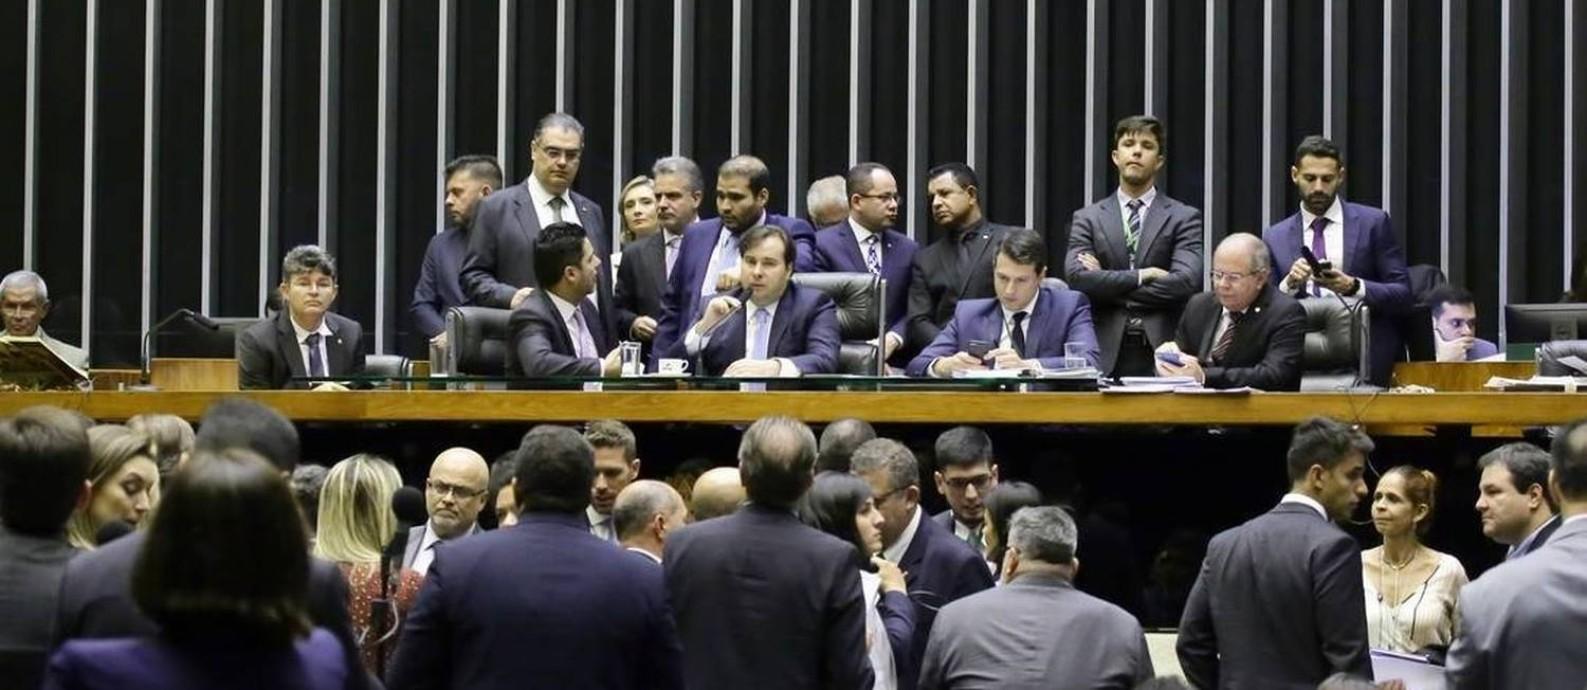 Votação na Câmara dos Deputados Foto: Luis Macedo / Câmara dos Deputados